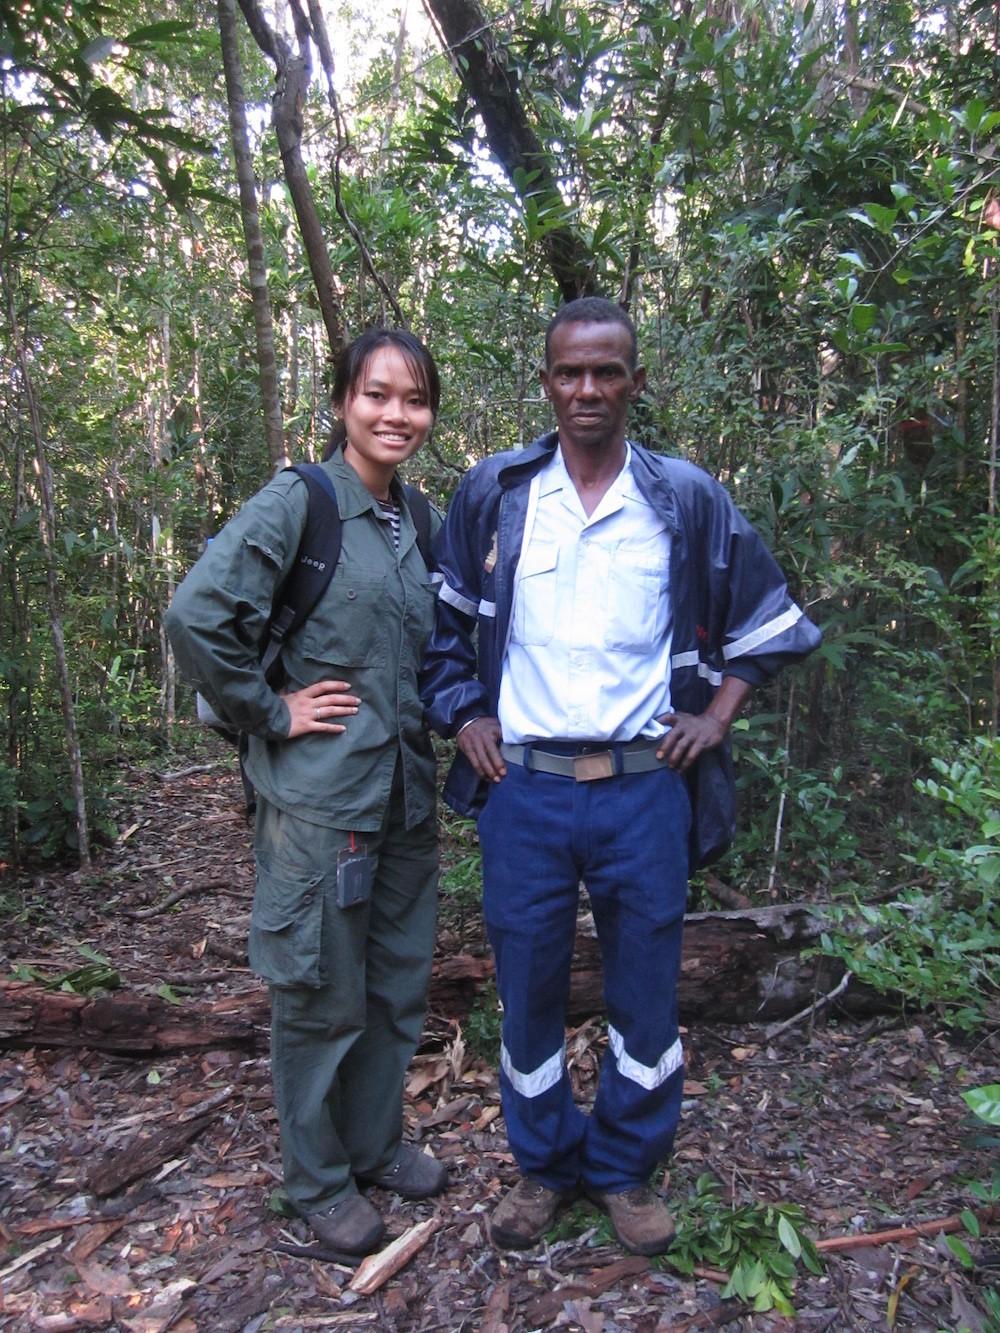 Cô gái tê giác Nguyễn Thị Thu Trang: Bảo tồn động vật hoang dã cũng chính là trực tiếp bảo vệ đồng loại của mình - Ảnh 6.